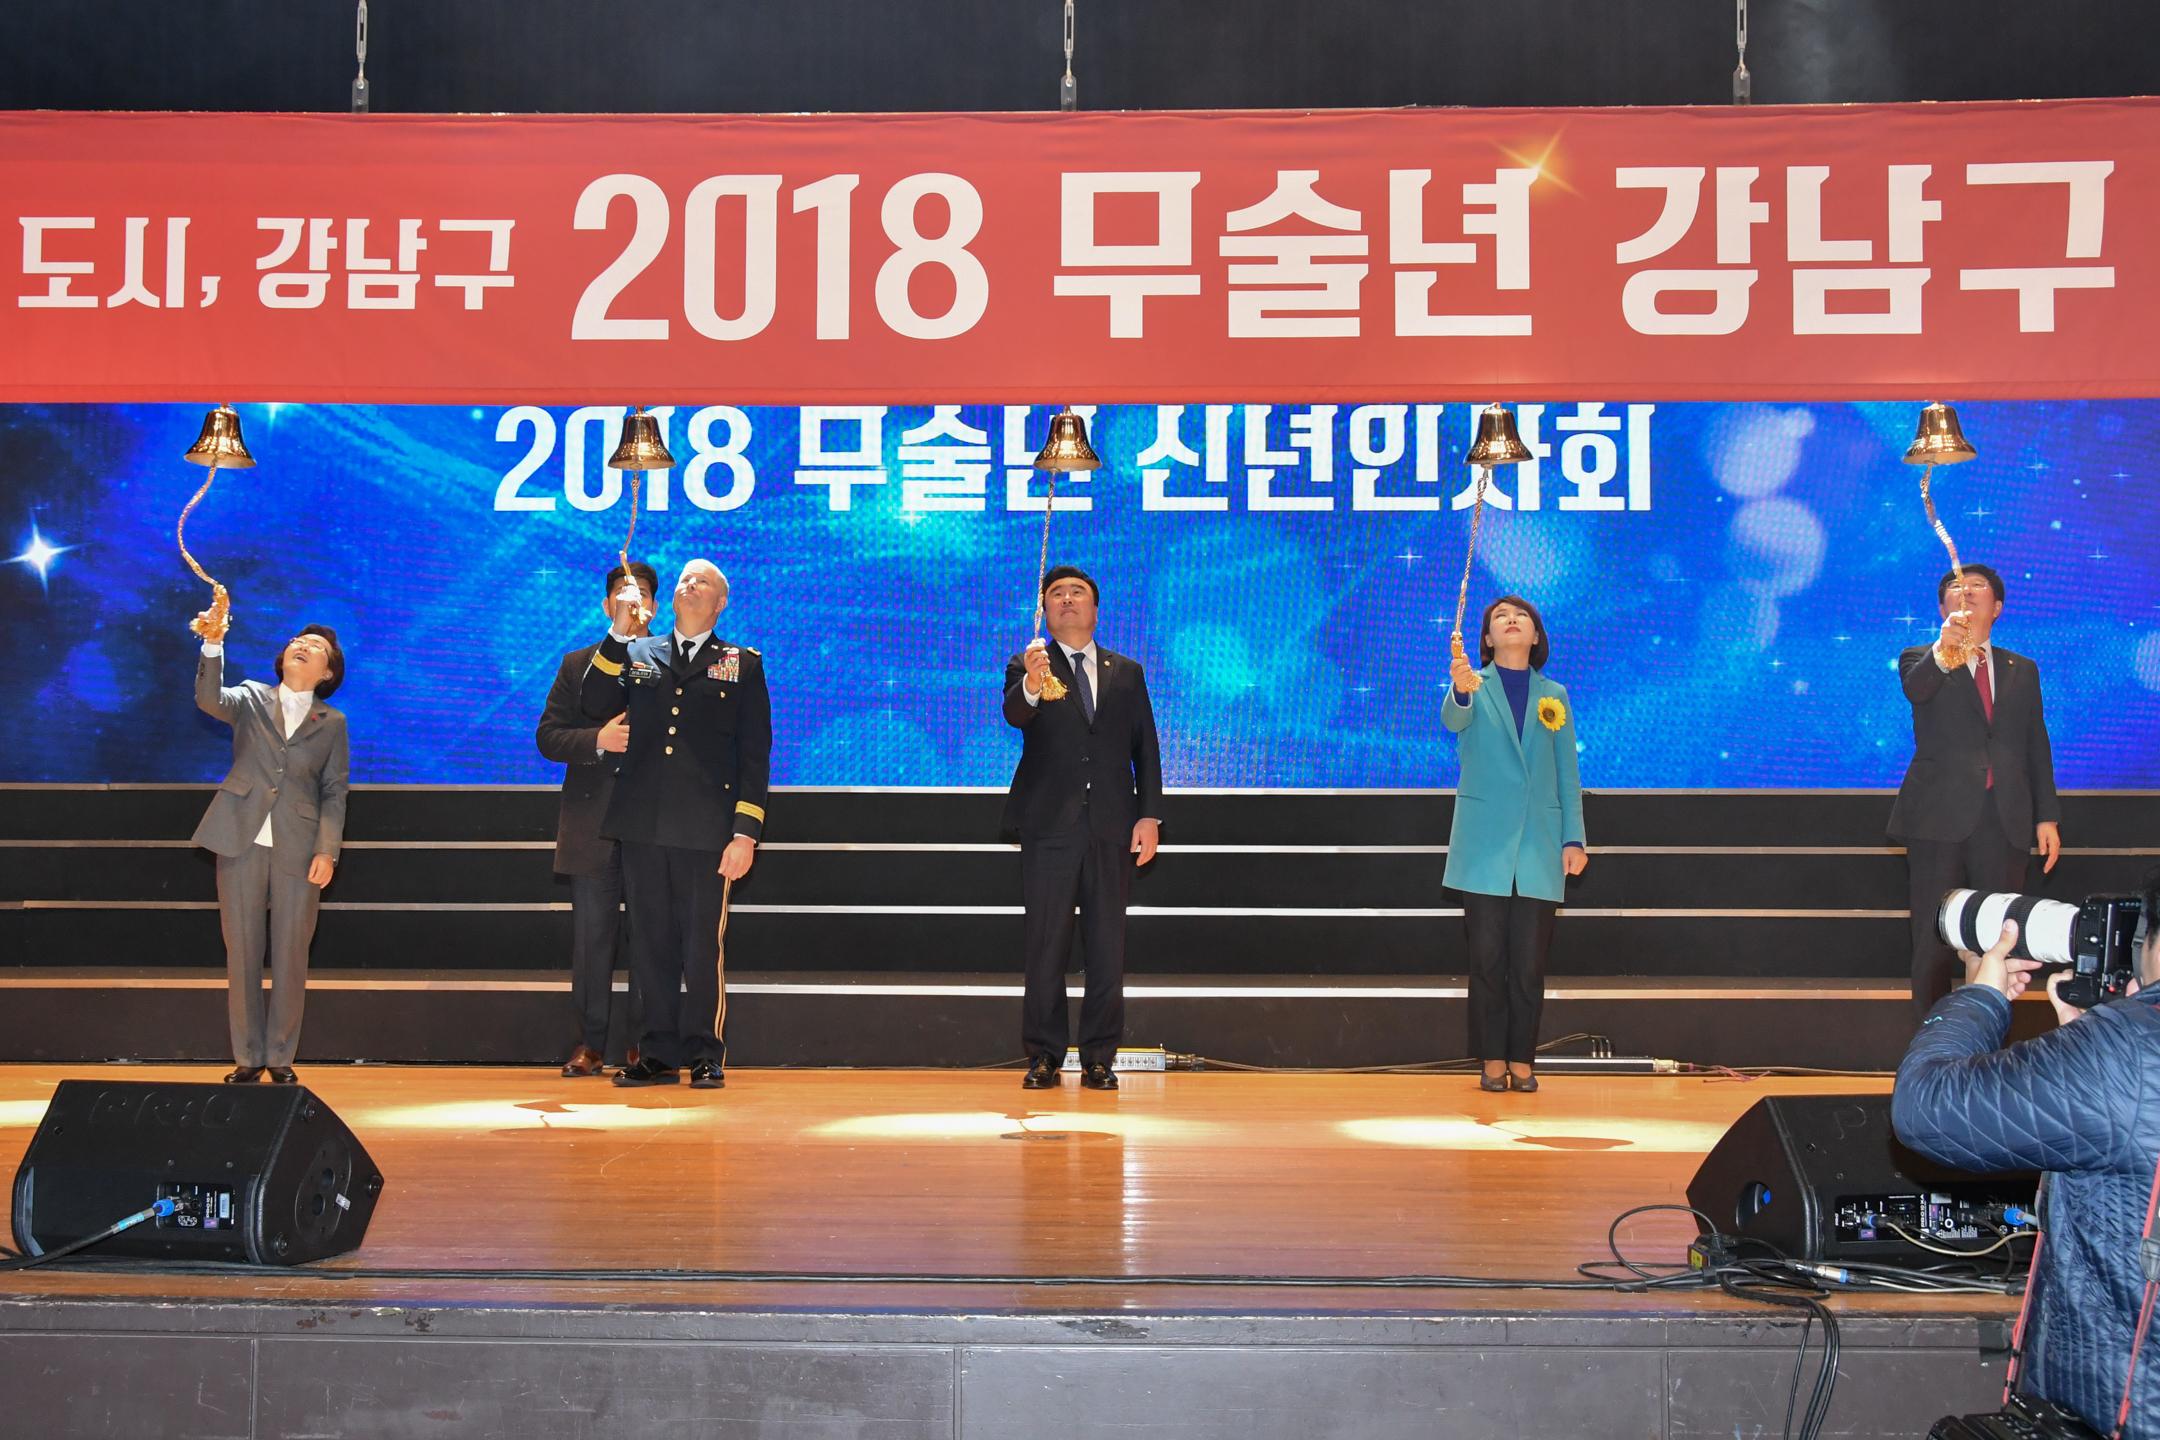 2018년 강남구 신년인사회 GNC_4825.jpg